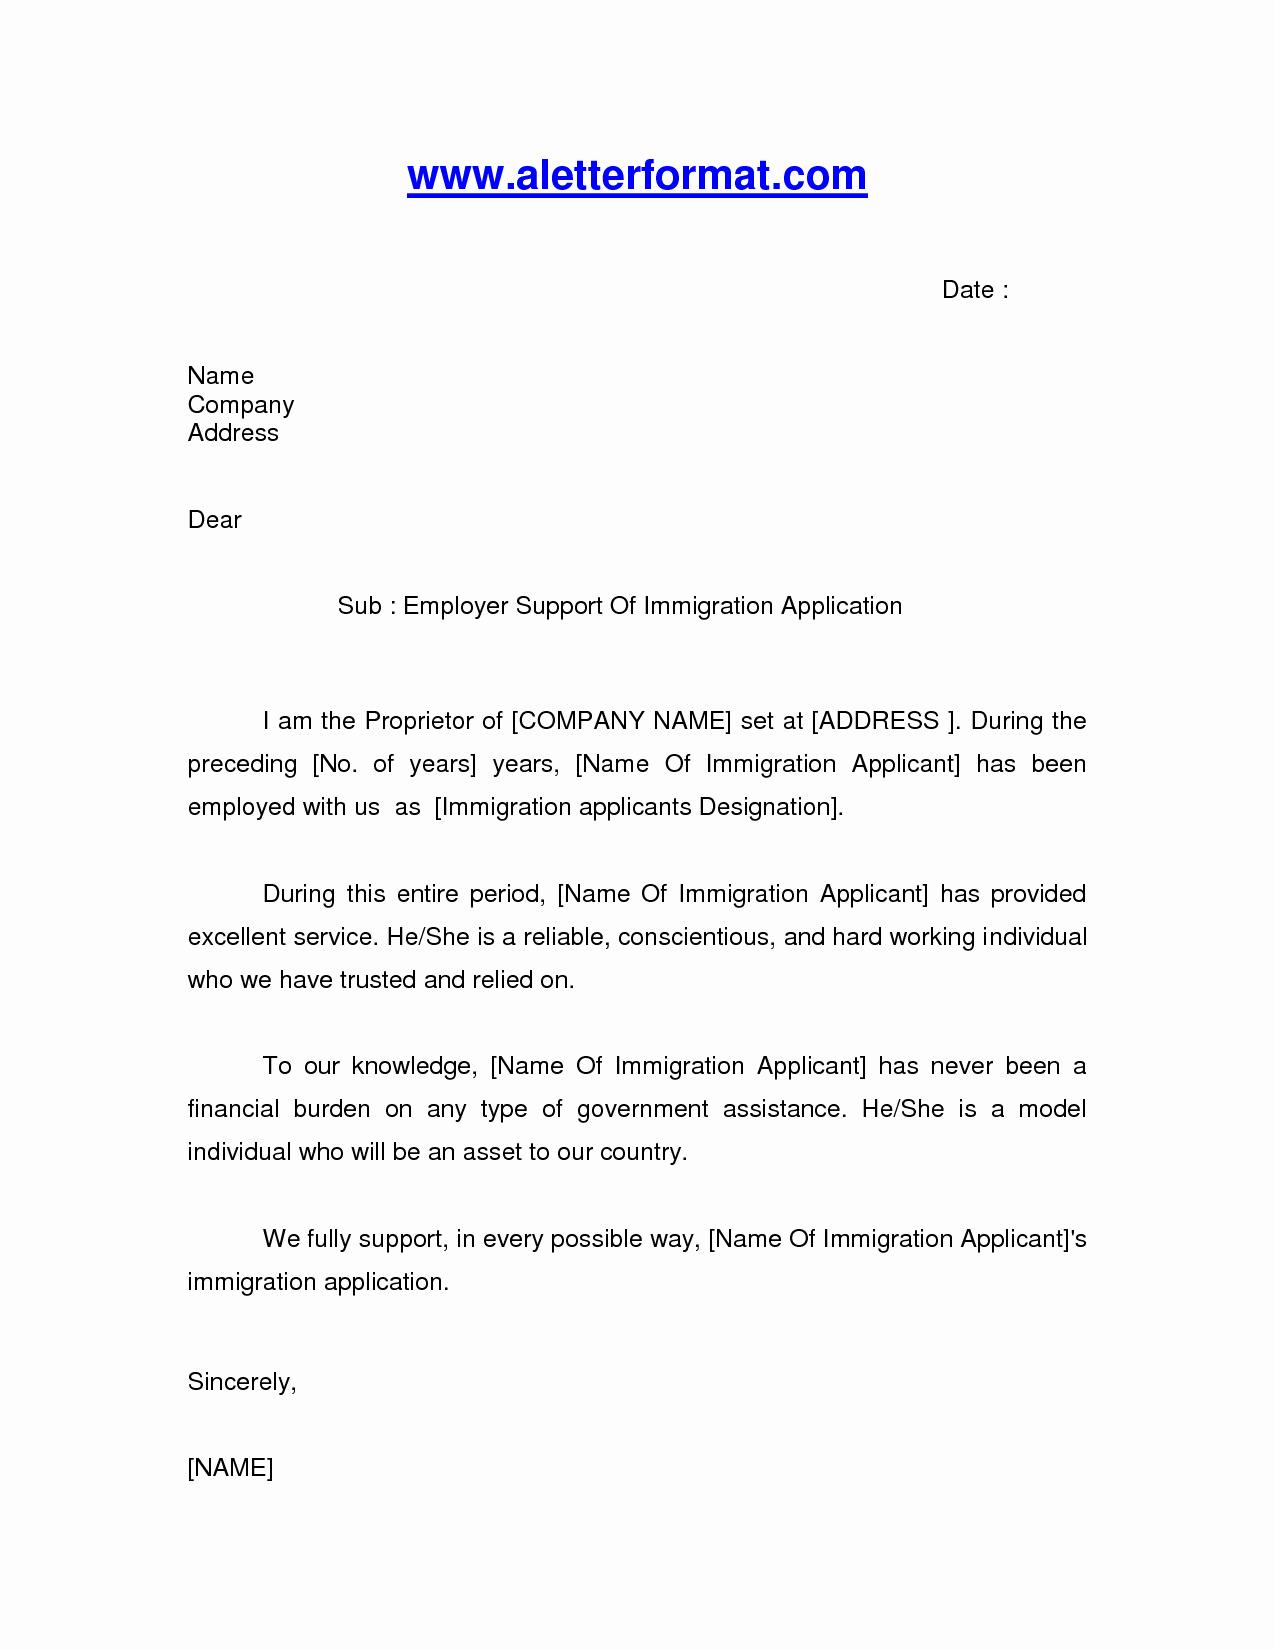 Reference Letter for Immigration Elegant Job Letter for Immigration